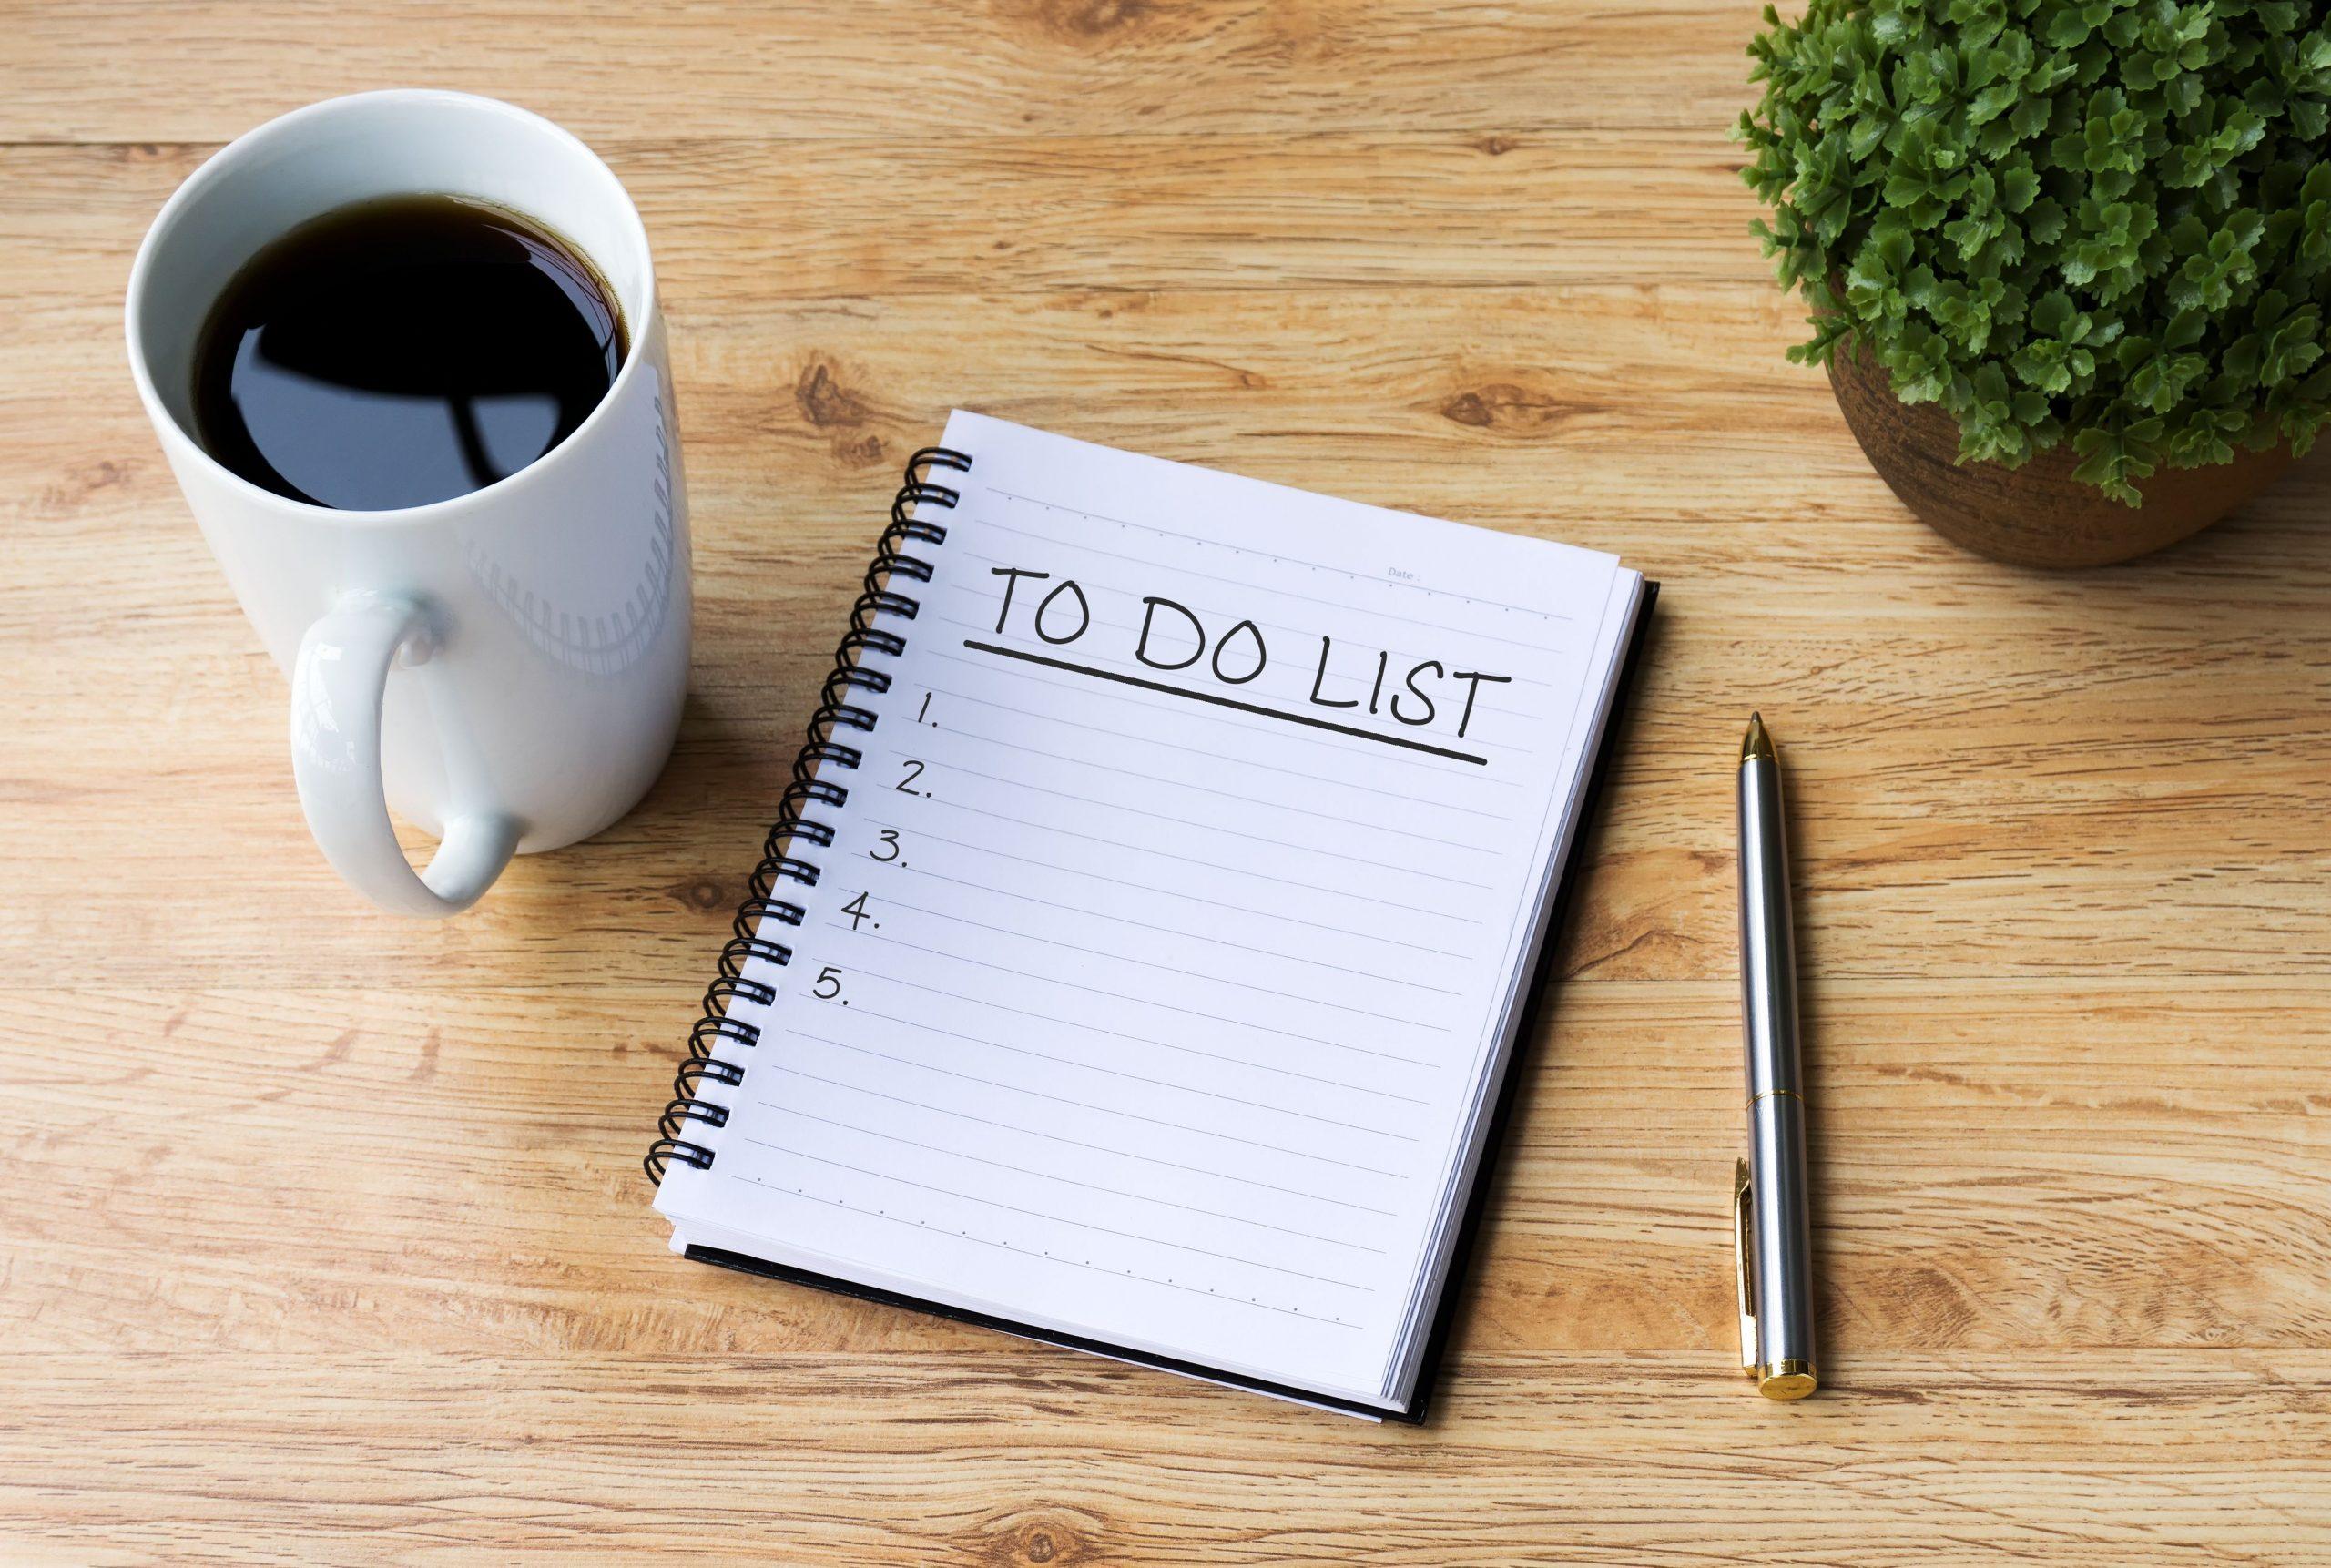 Lên danh sách những công việc nhà cần làm